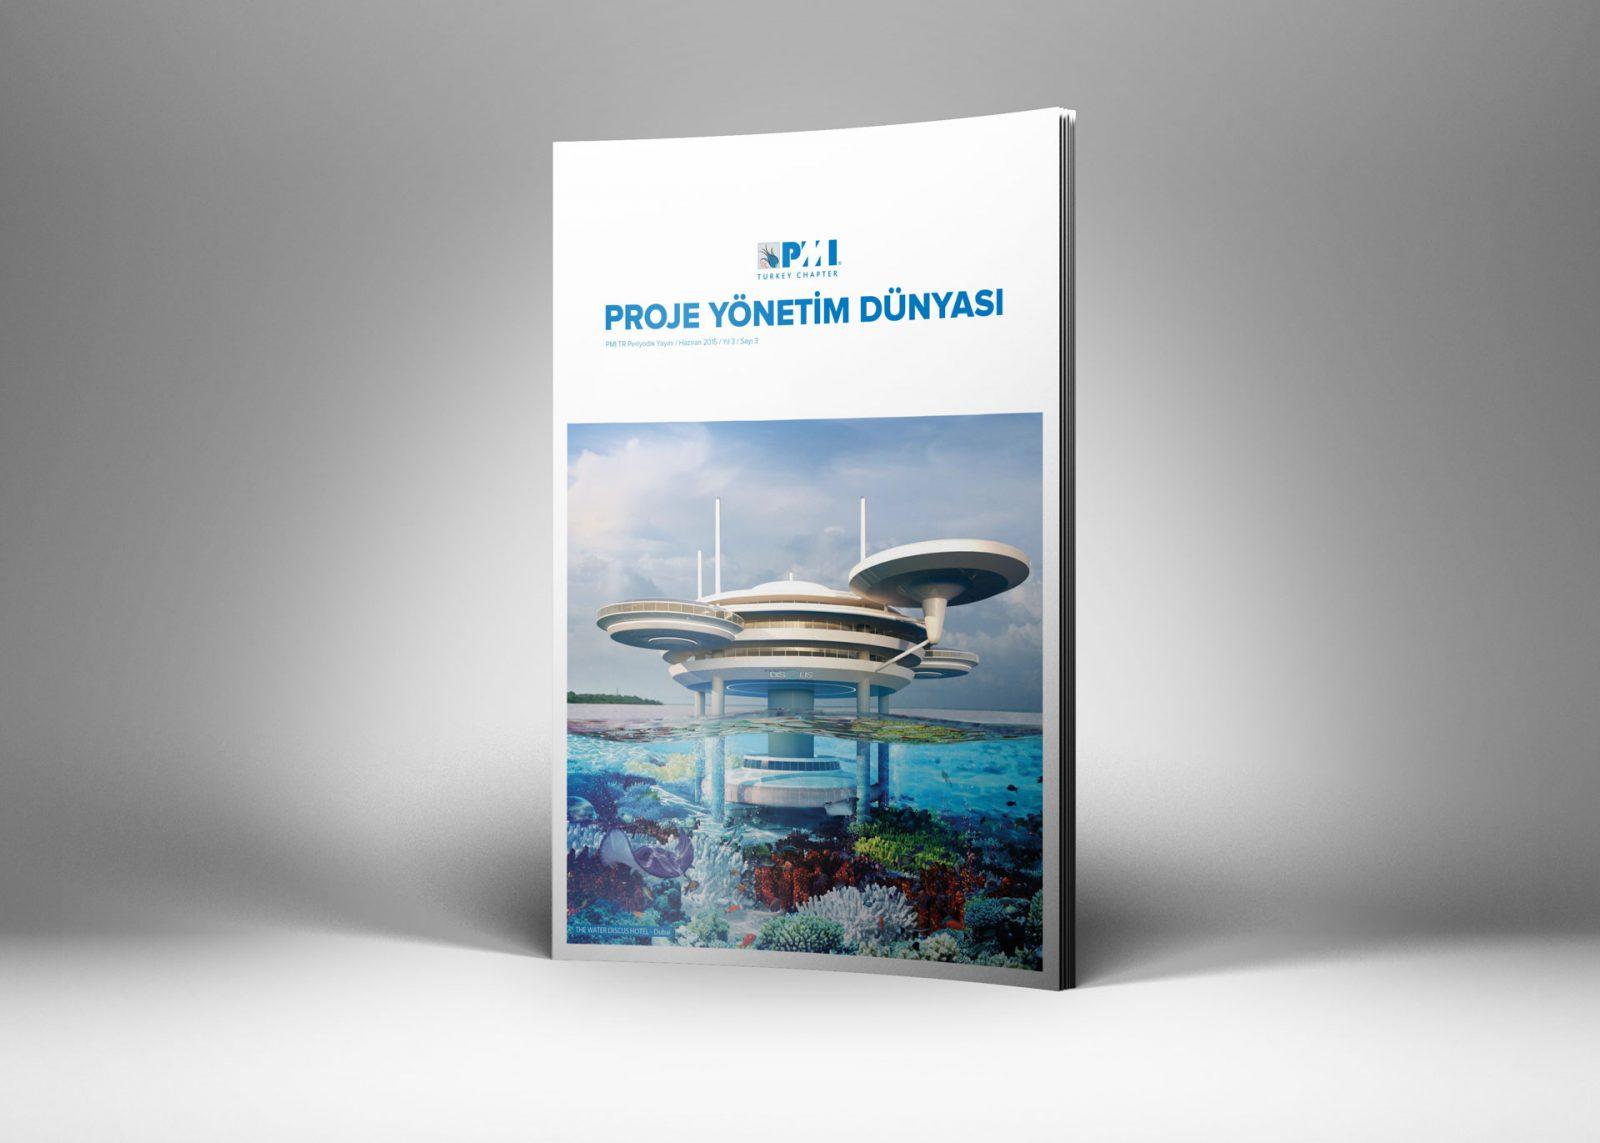 pmi tr dergi tasarımı sayı 3